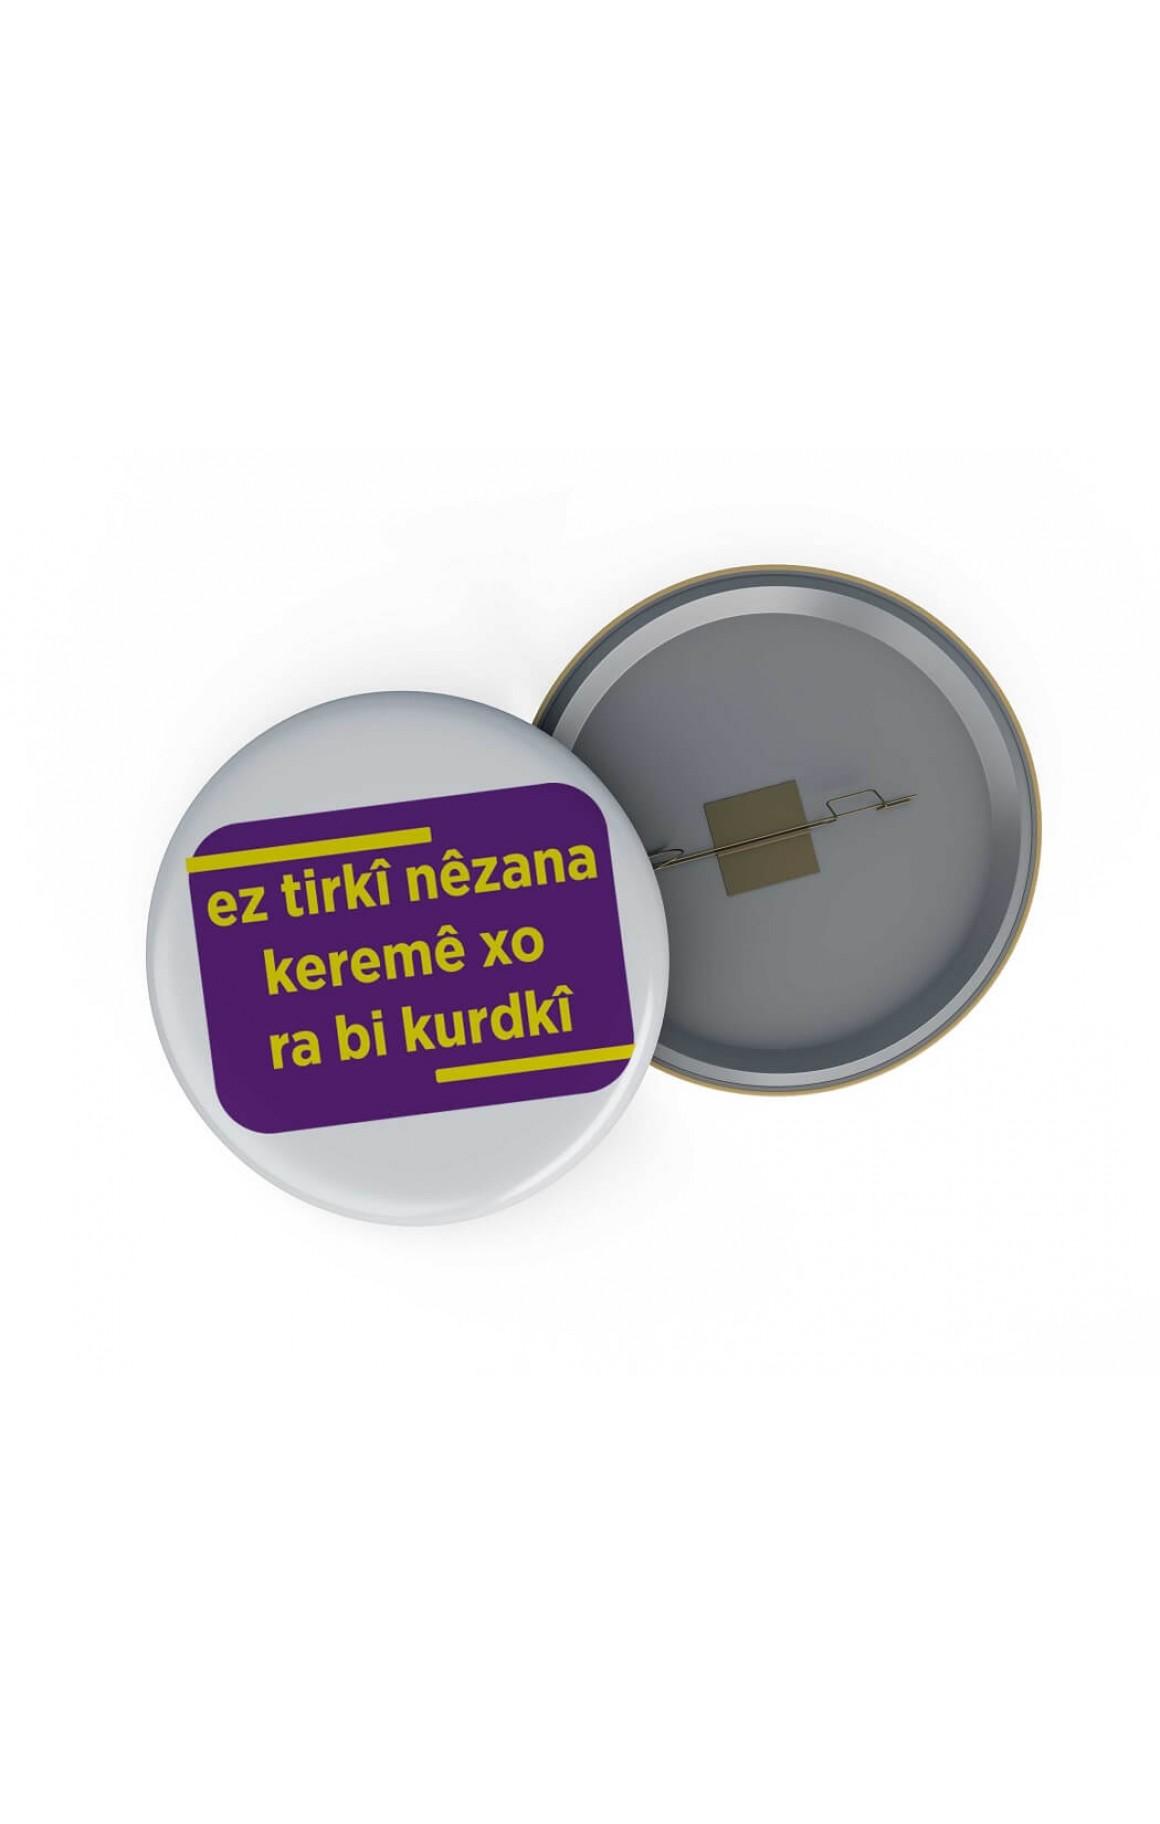 Rozet - ez tirkî nêzana keremê xo ra bi kurdkî